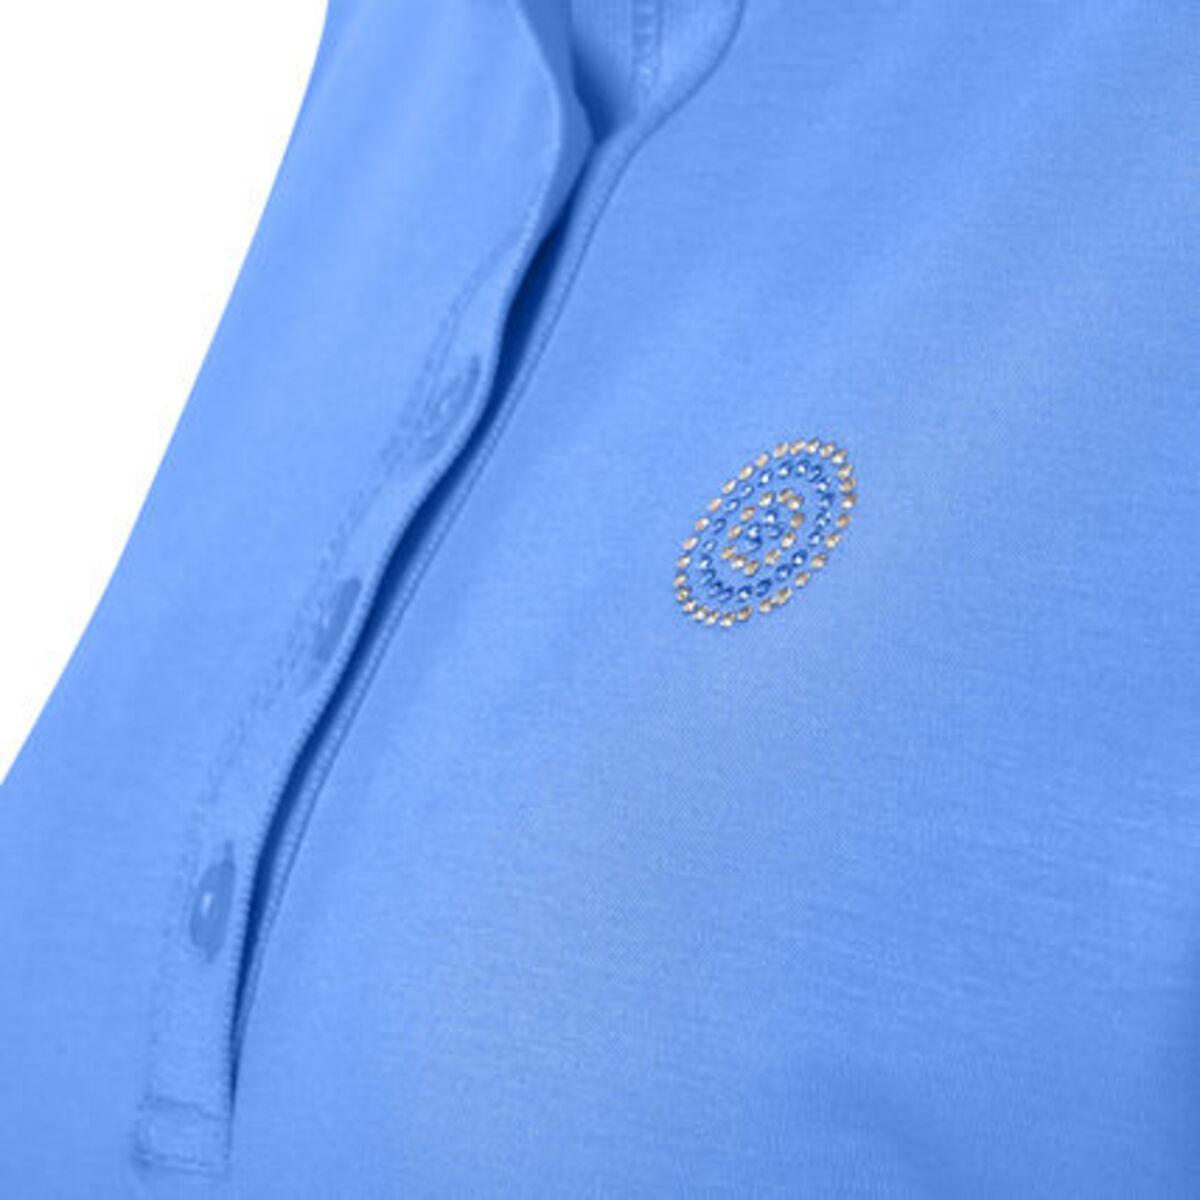 """Bild 3 von Adagio Poloshirt """"Tory"""", 3/4 Ärmel, Strass, Pima Cotton, für Damen"""